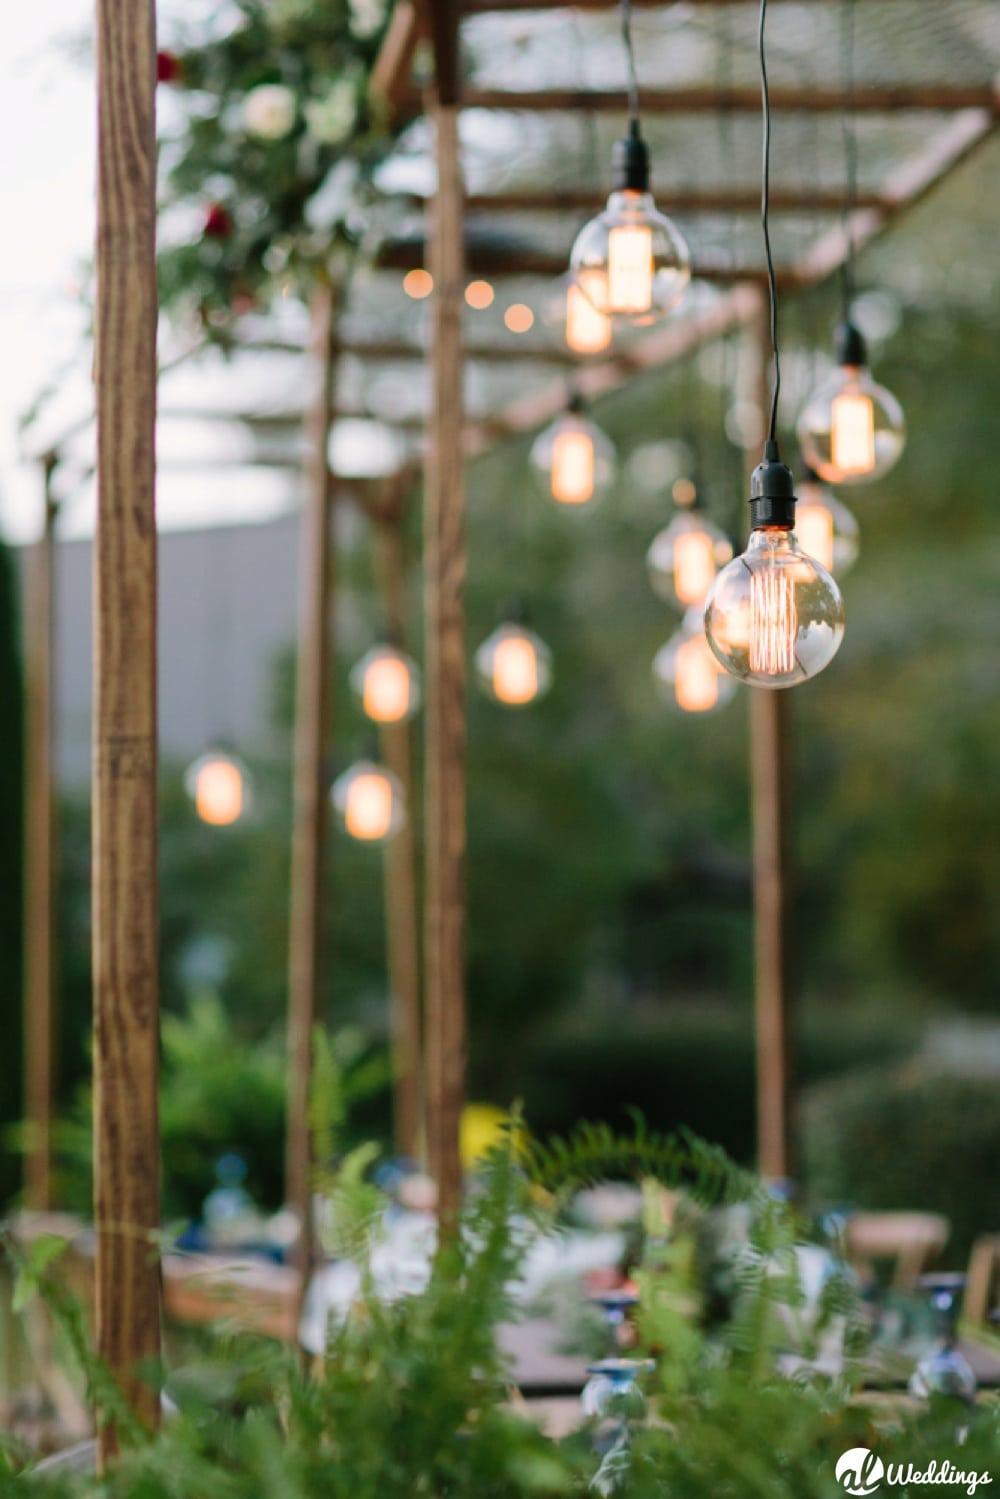 Meg + Dean | Back Yard Wedding | huntsville, Alabama Photographer-179